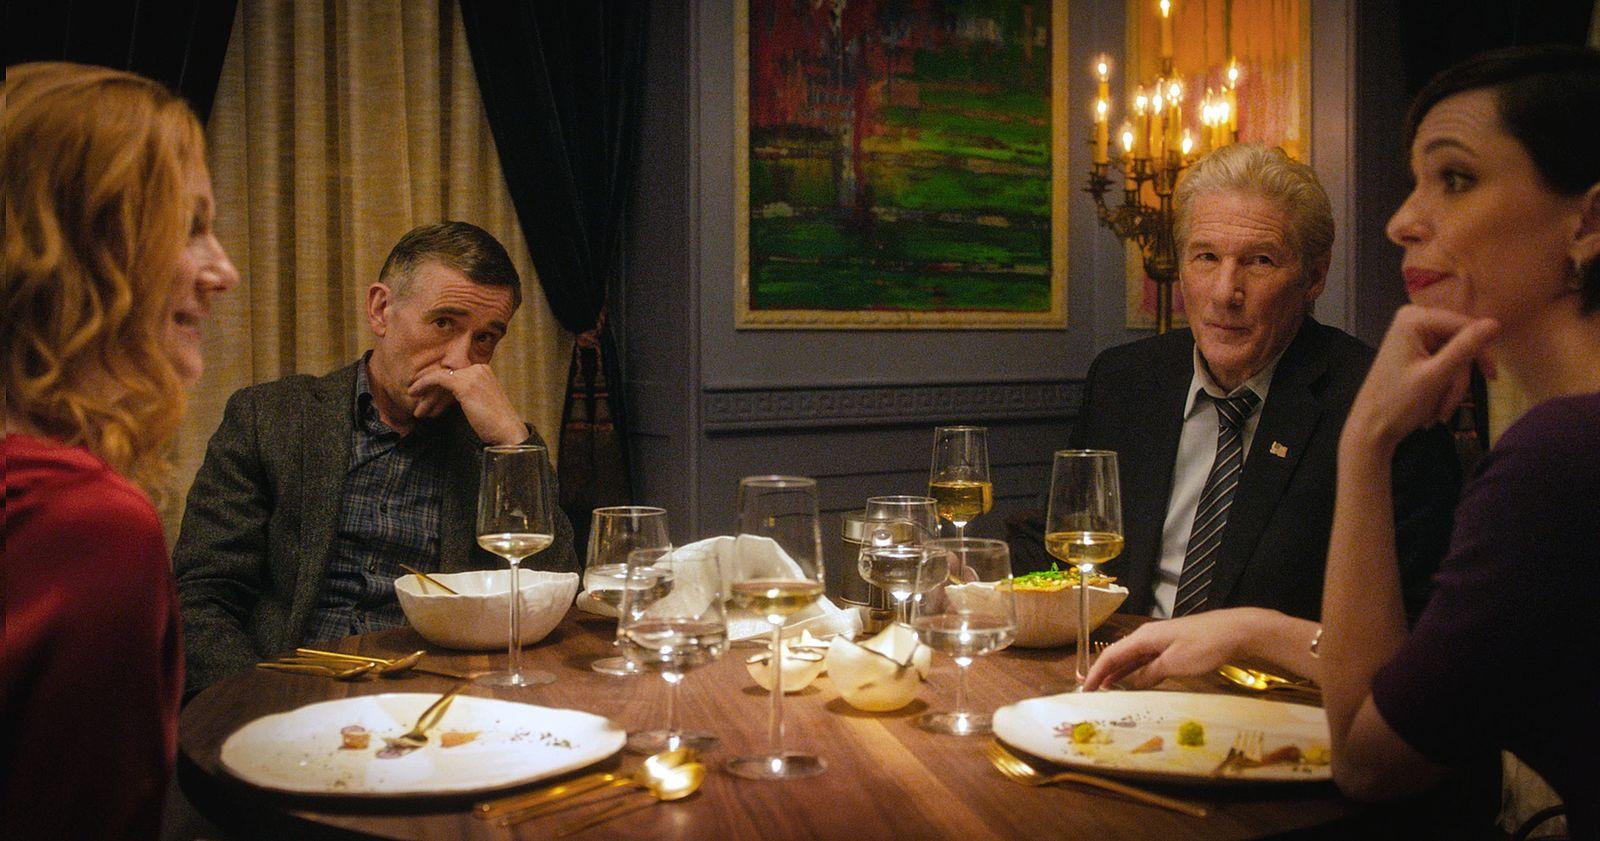 The Dinner Cast  The Dinner